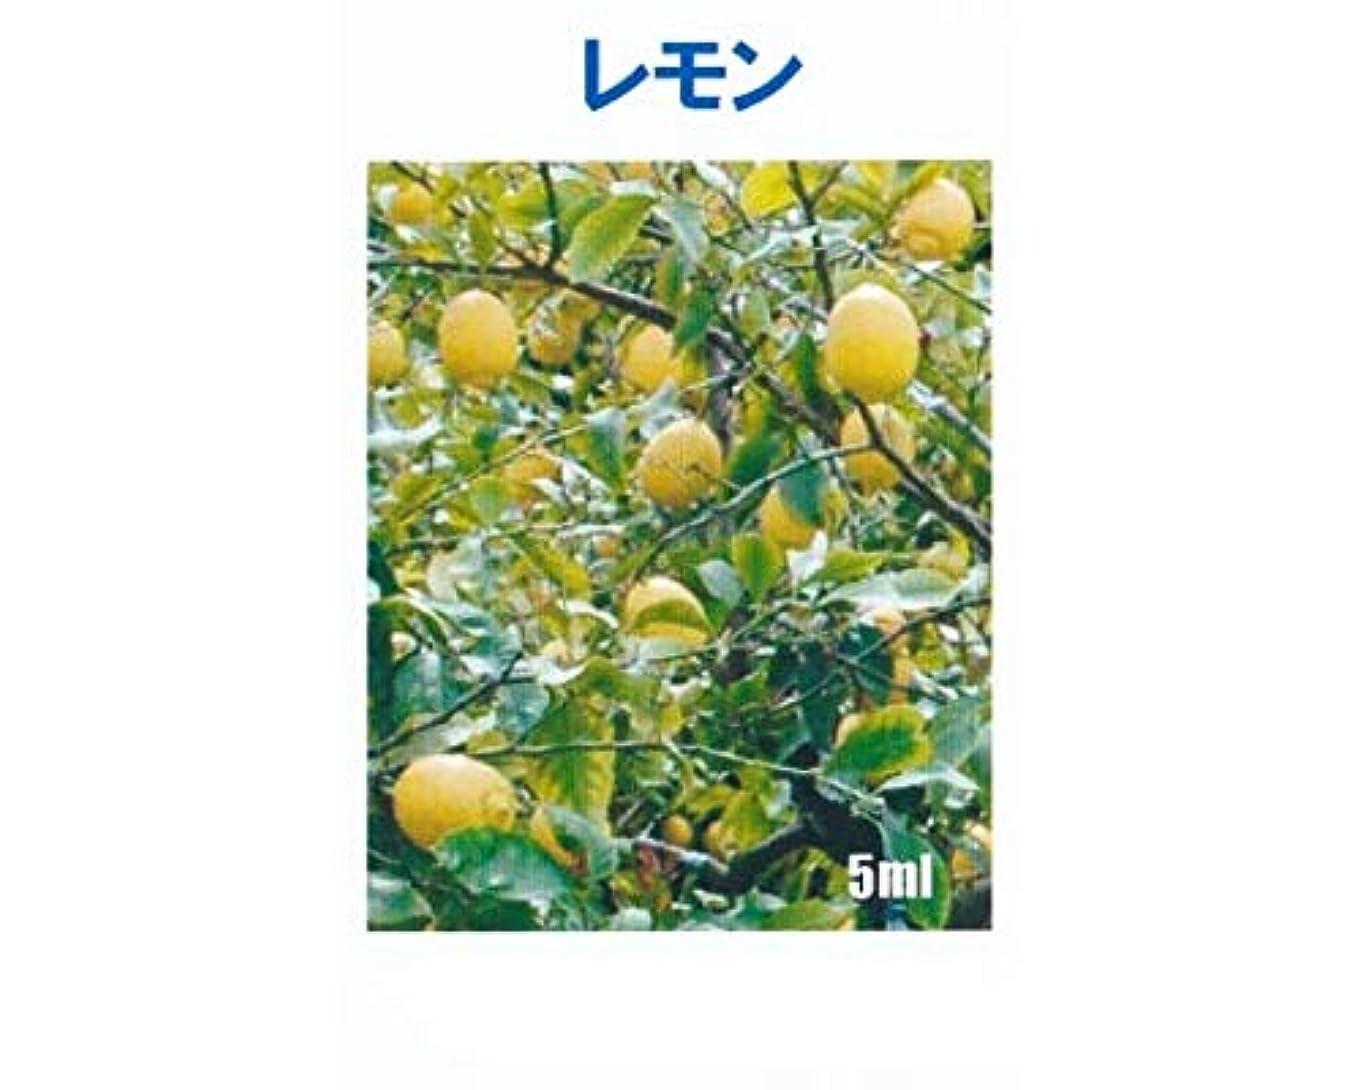 割り当てコショウ自分アロマオイル レモン 5ml エッセンシャルオイル 100%天然成分